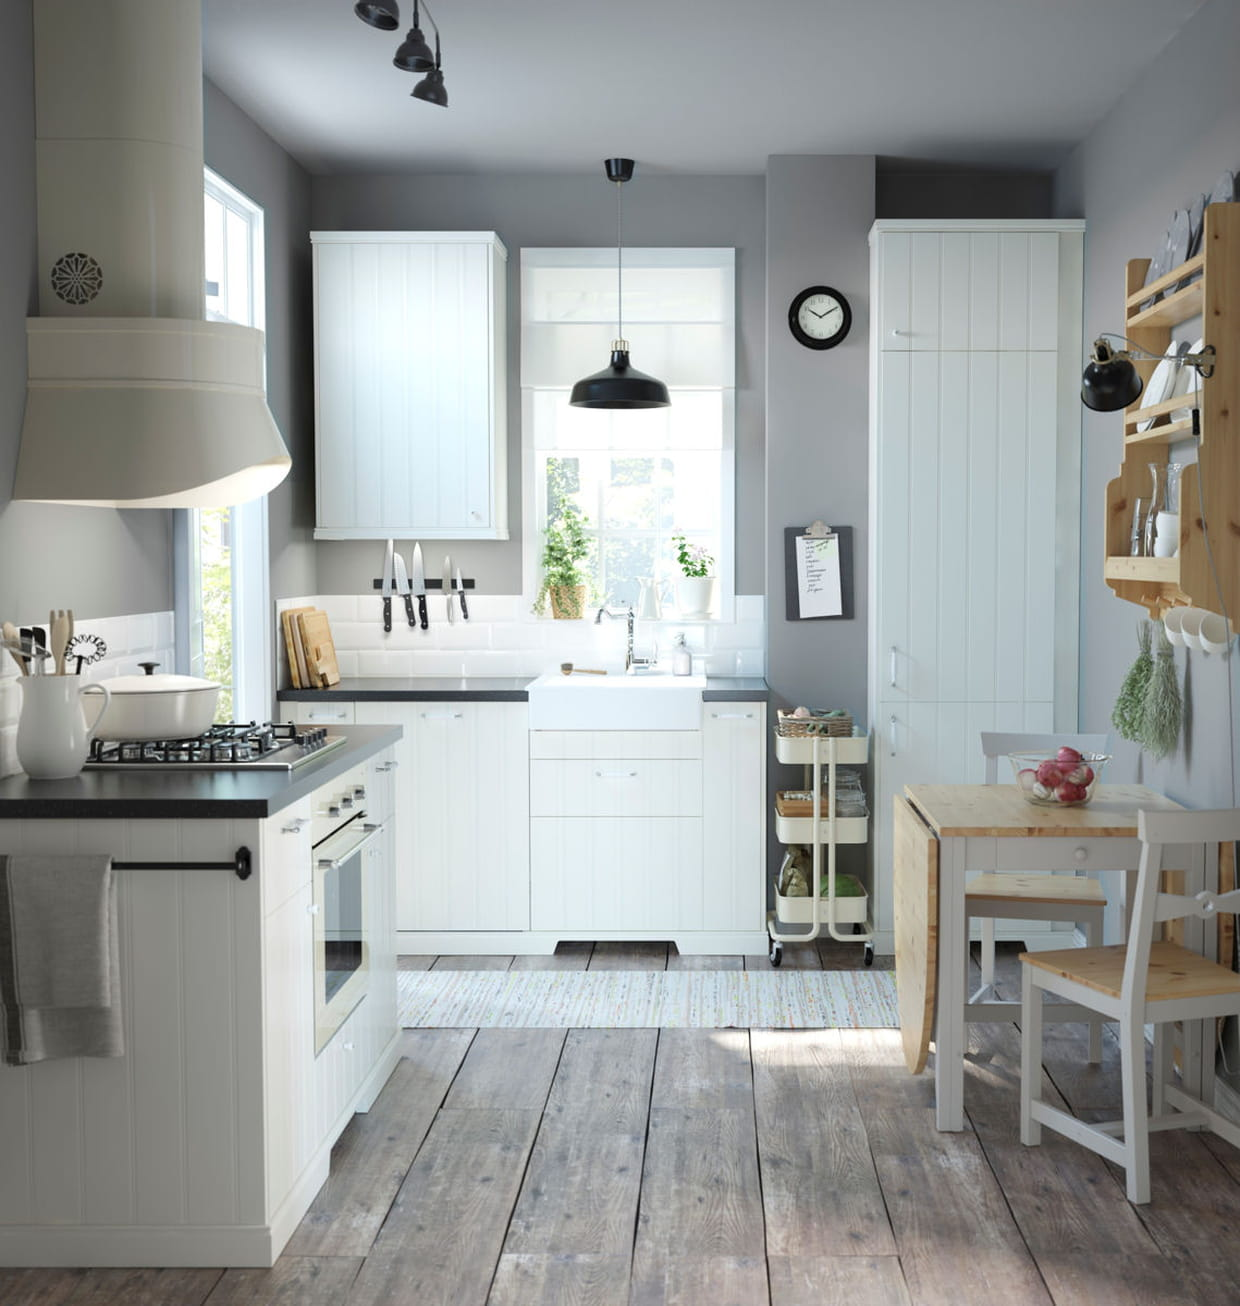 une cuisine aux finitions minutieuses. Black Bedroom Furniture Sets. Home Design Ideas